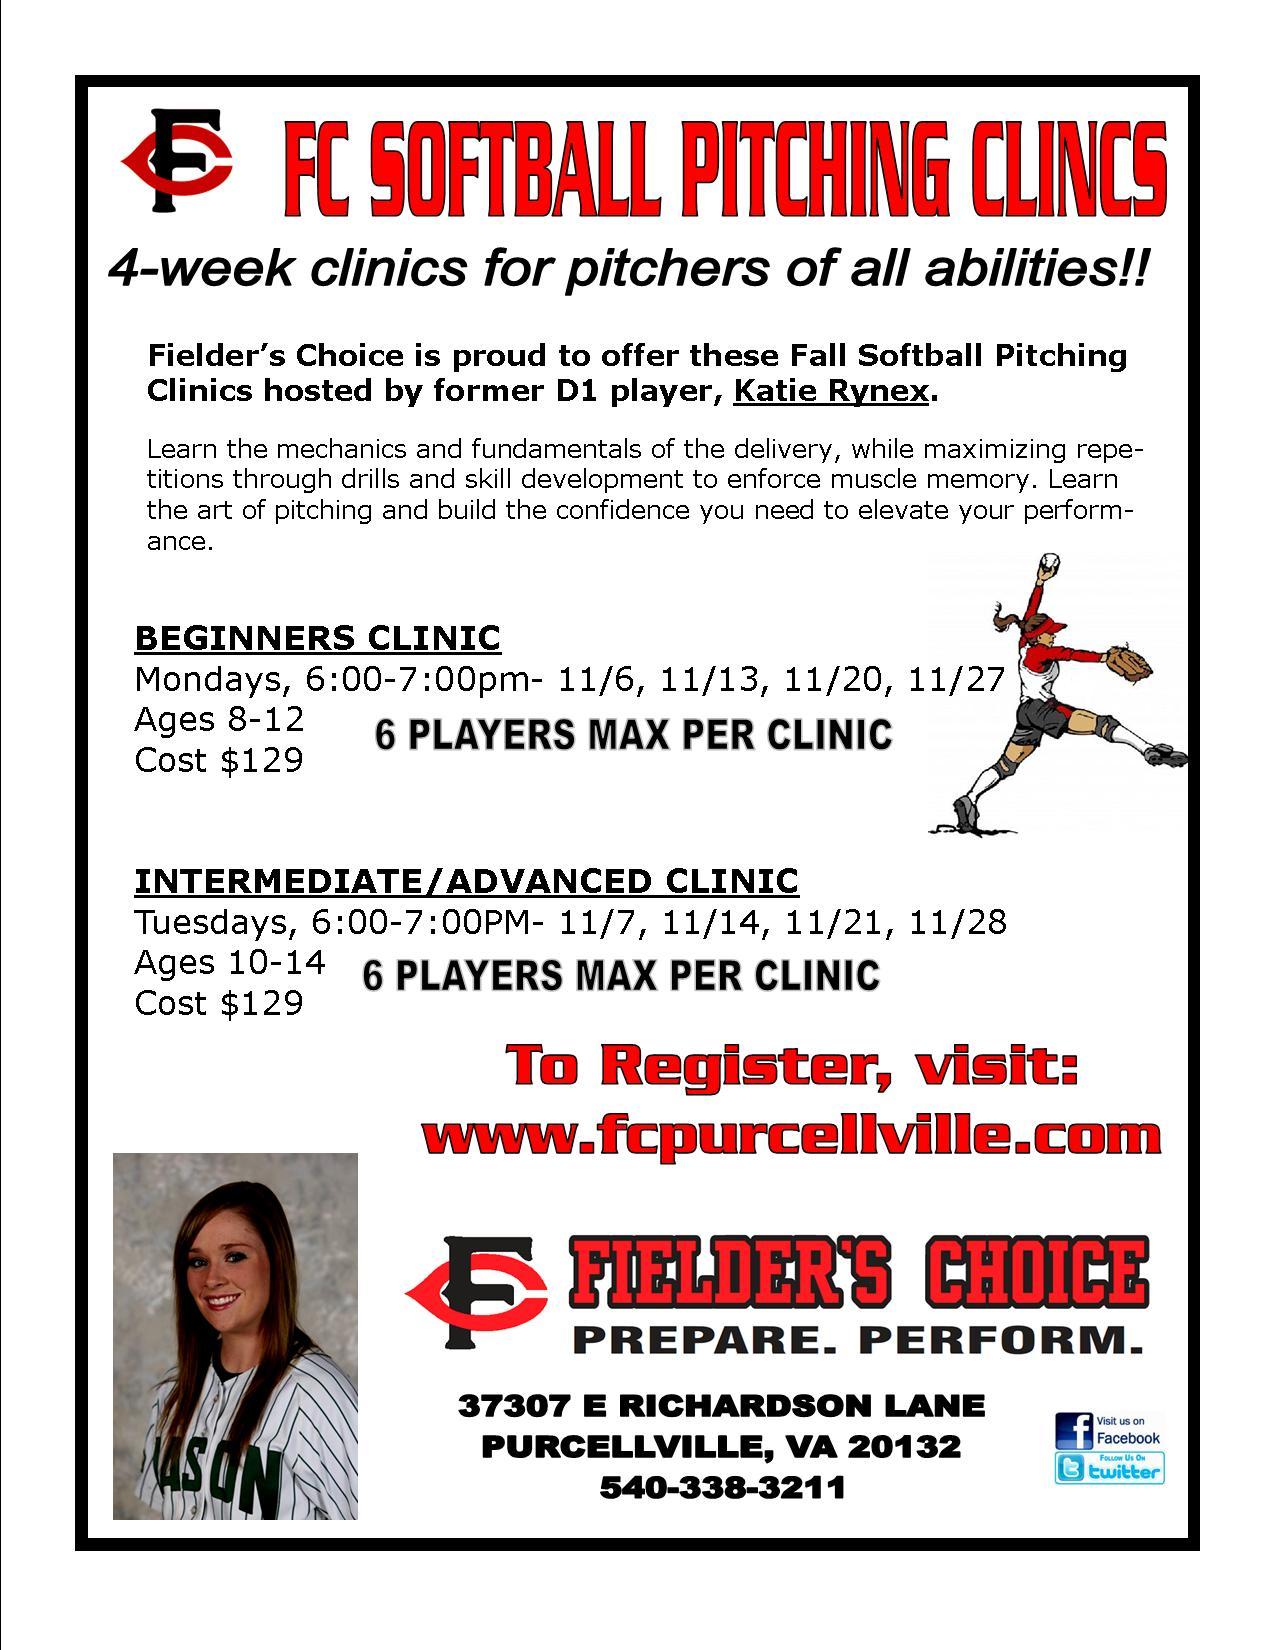 2017 Fall Softball Pitching Clinics